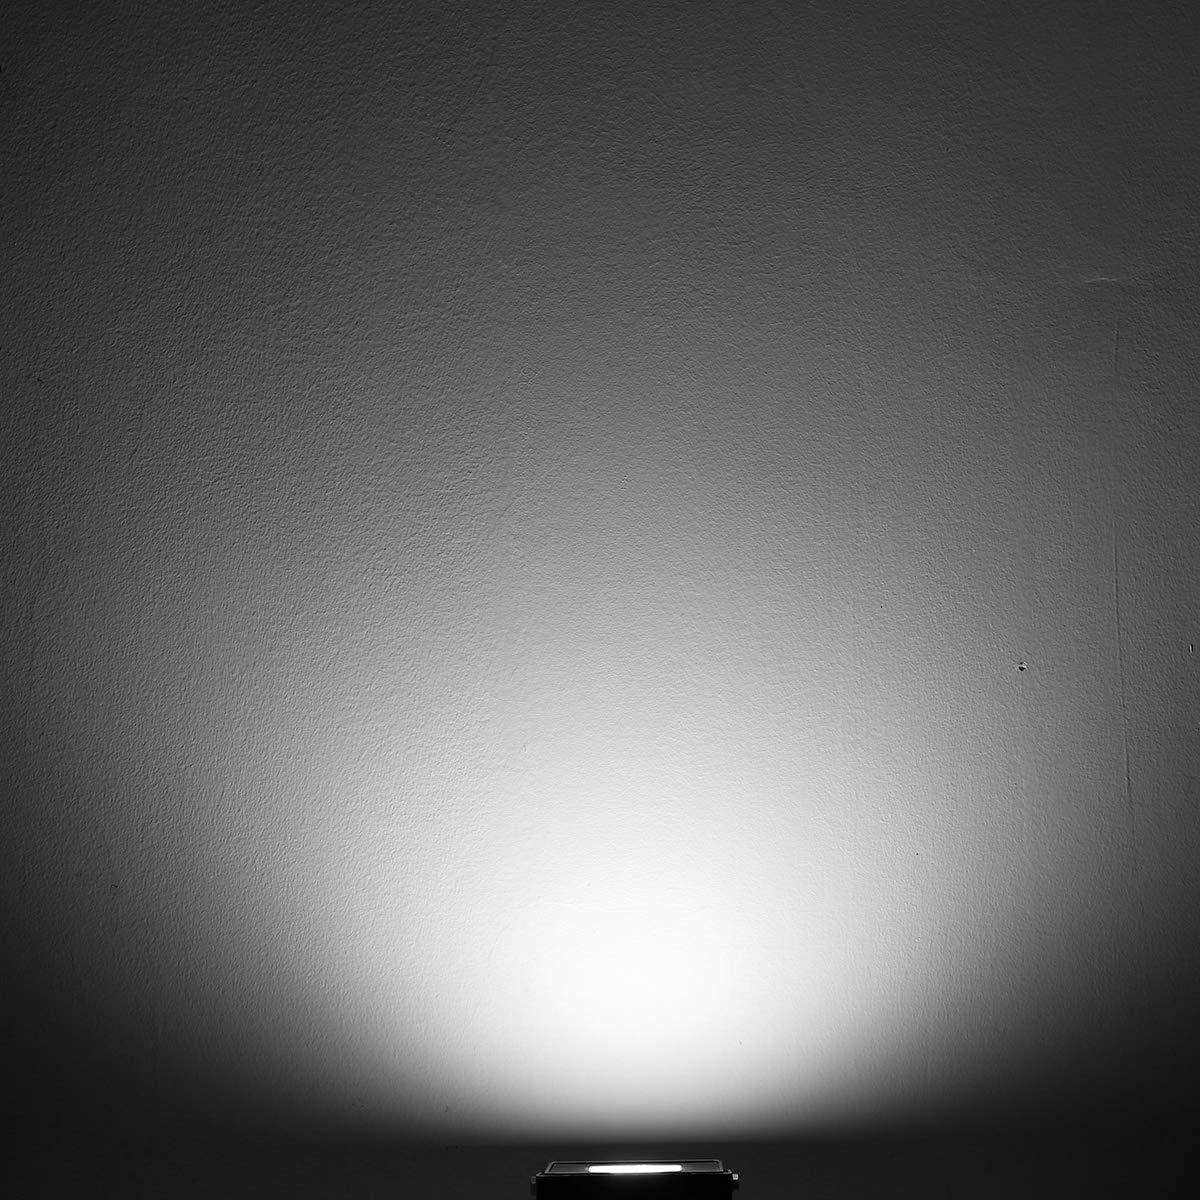 LE Projecteur LED Ultra Mince 15W 1500LM Blanc Froid 5000K Spot LED Extérieur IP65 Etanche Verre Trempé à Grain Fin, Lampe LED Extérieur pour Jardin, Cour, Garage, Entrée